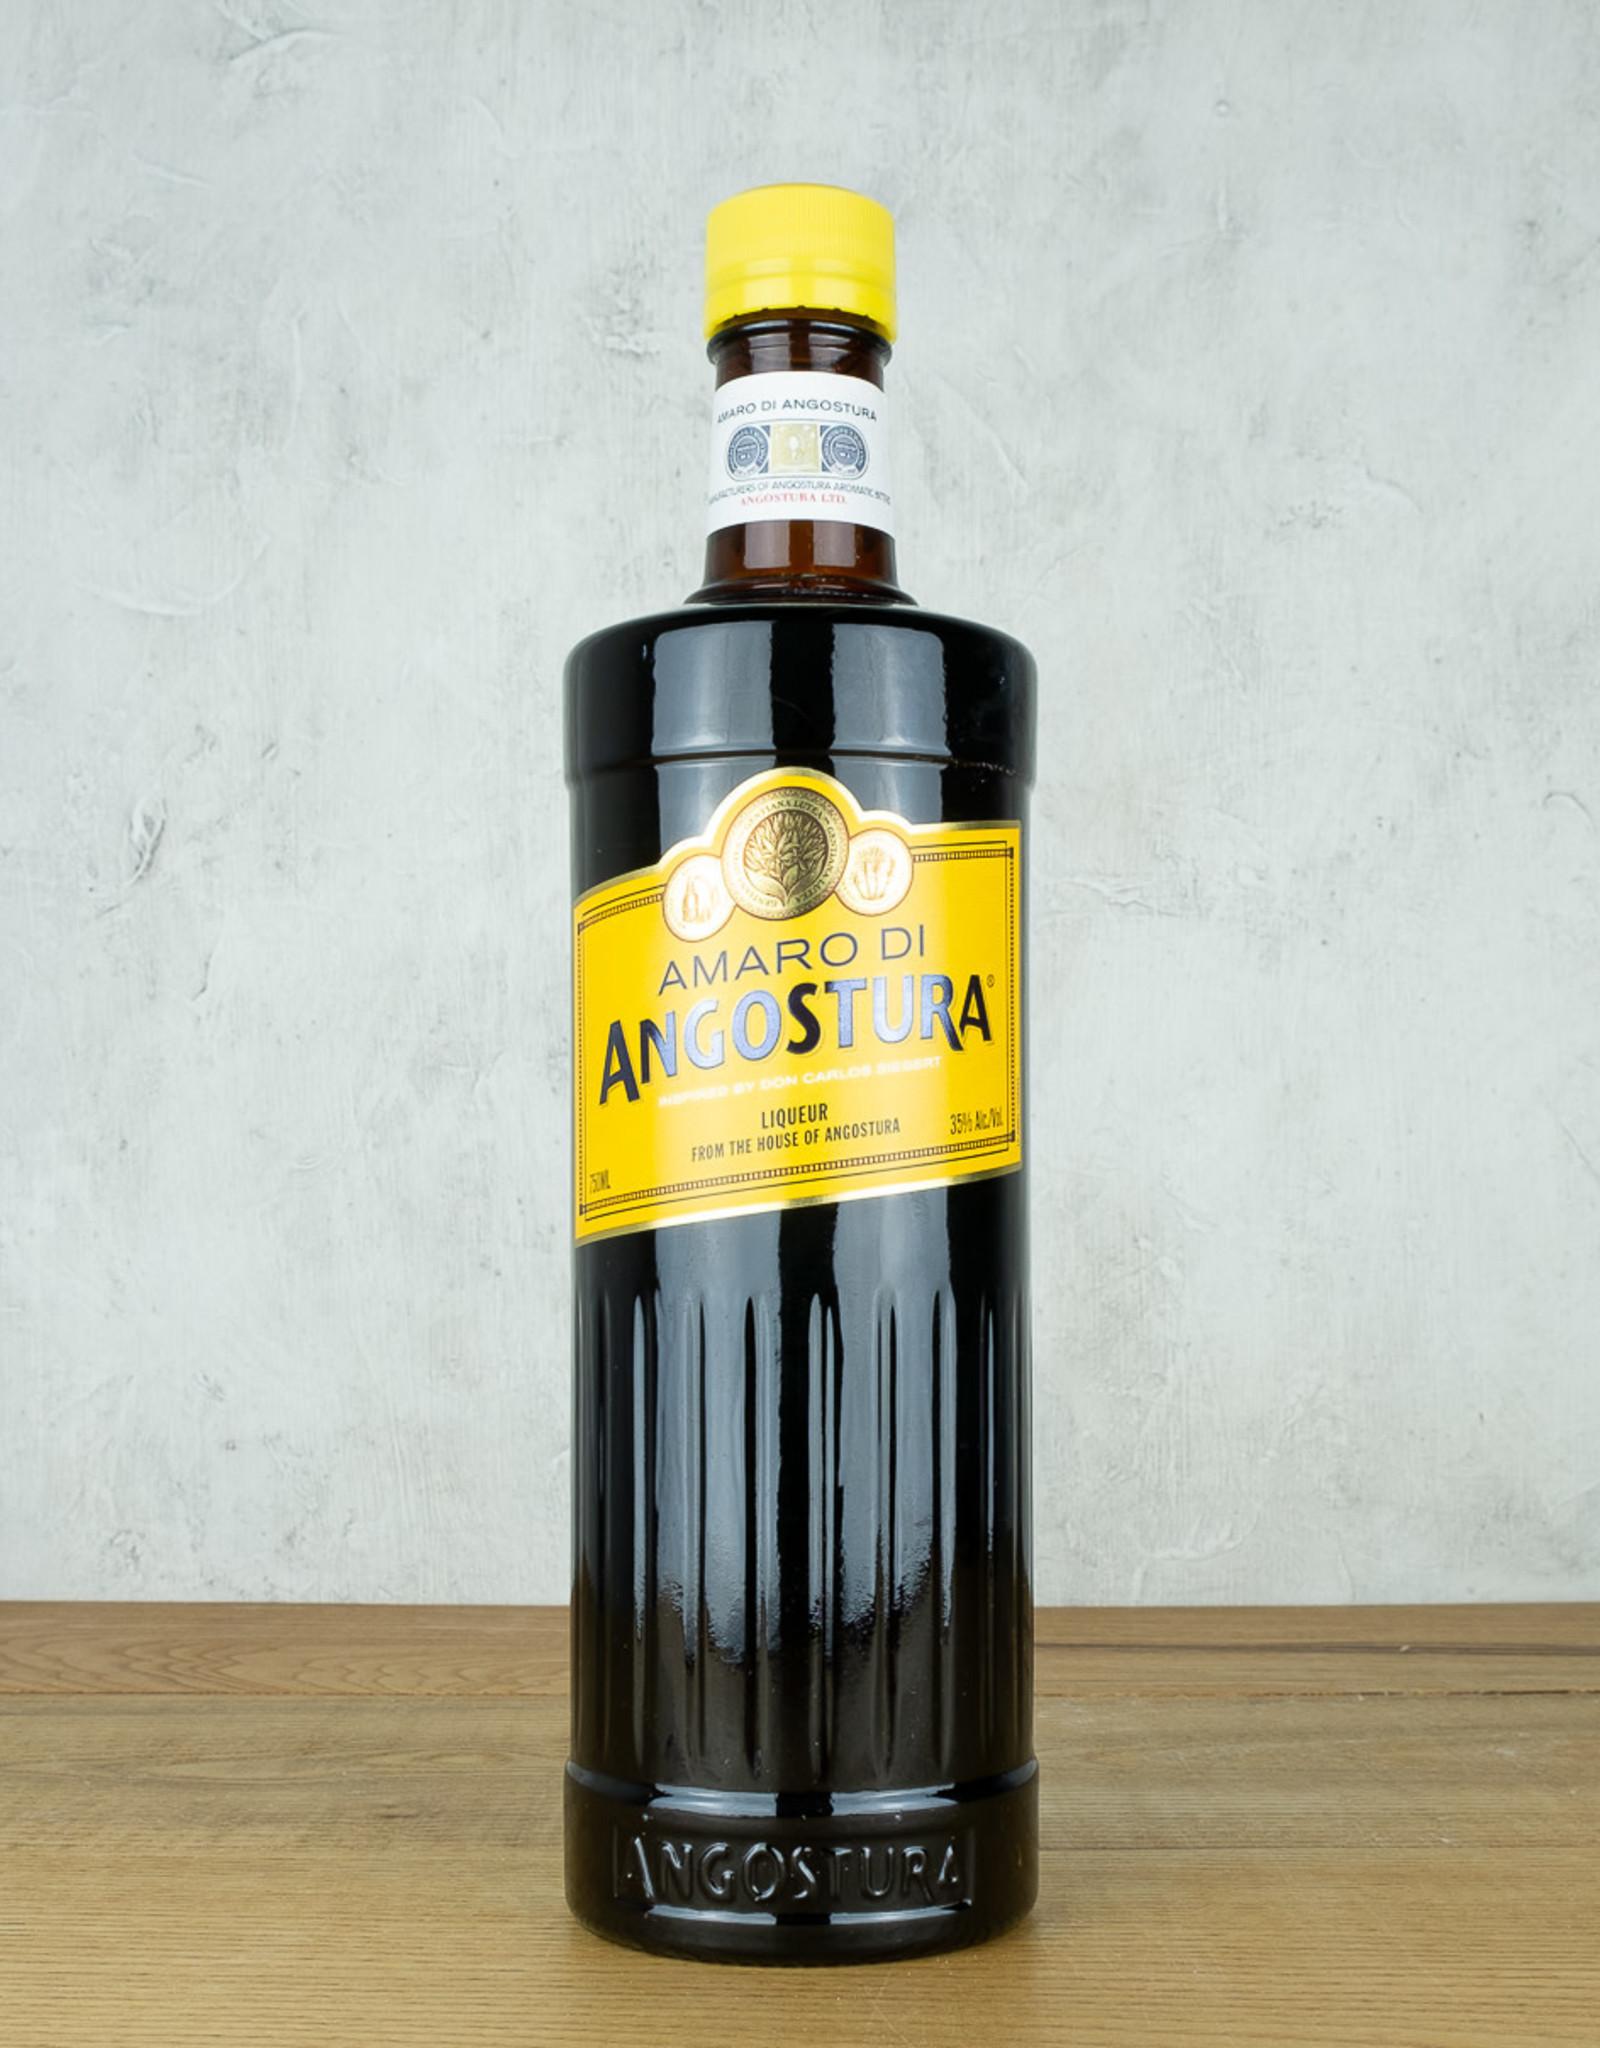 Amaro di Angostora